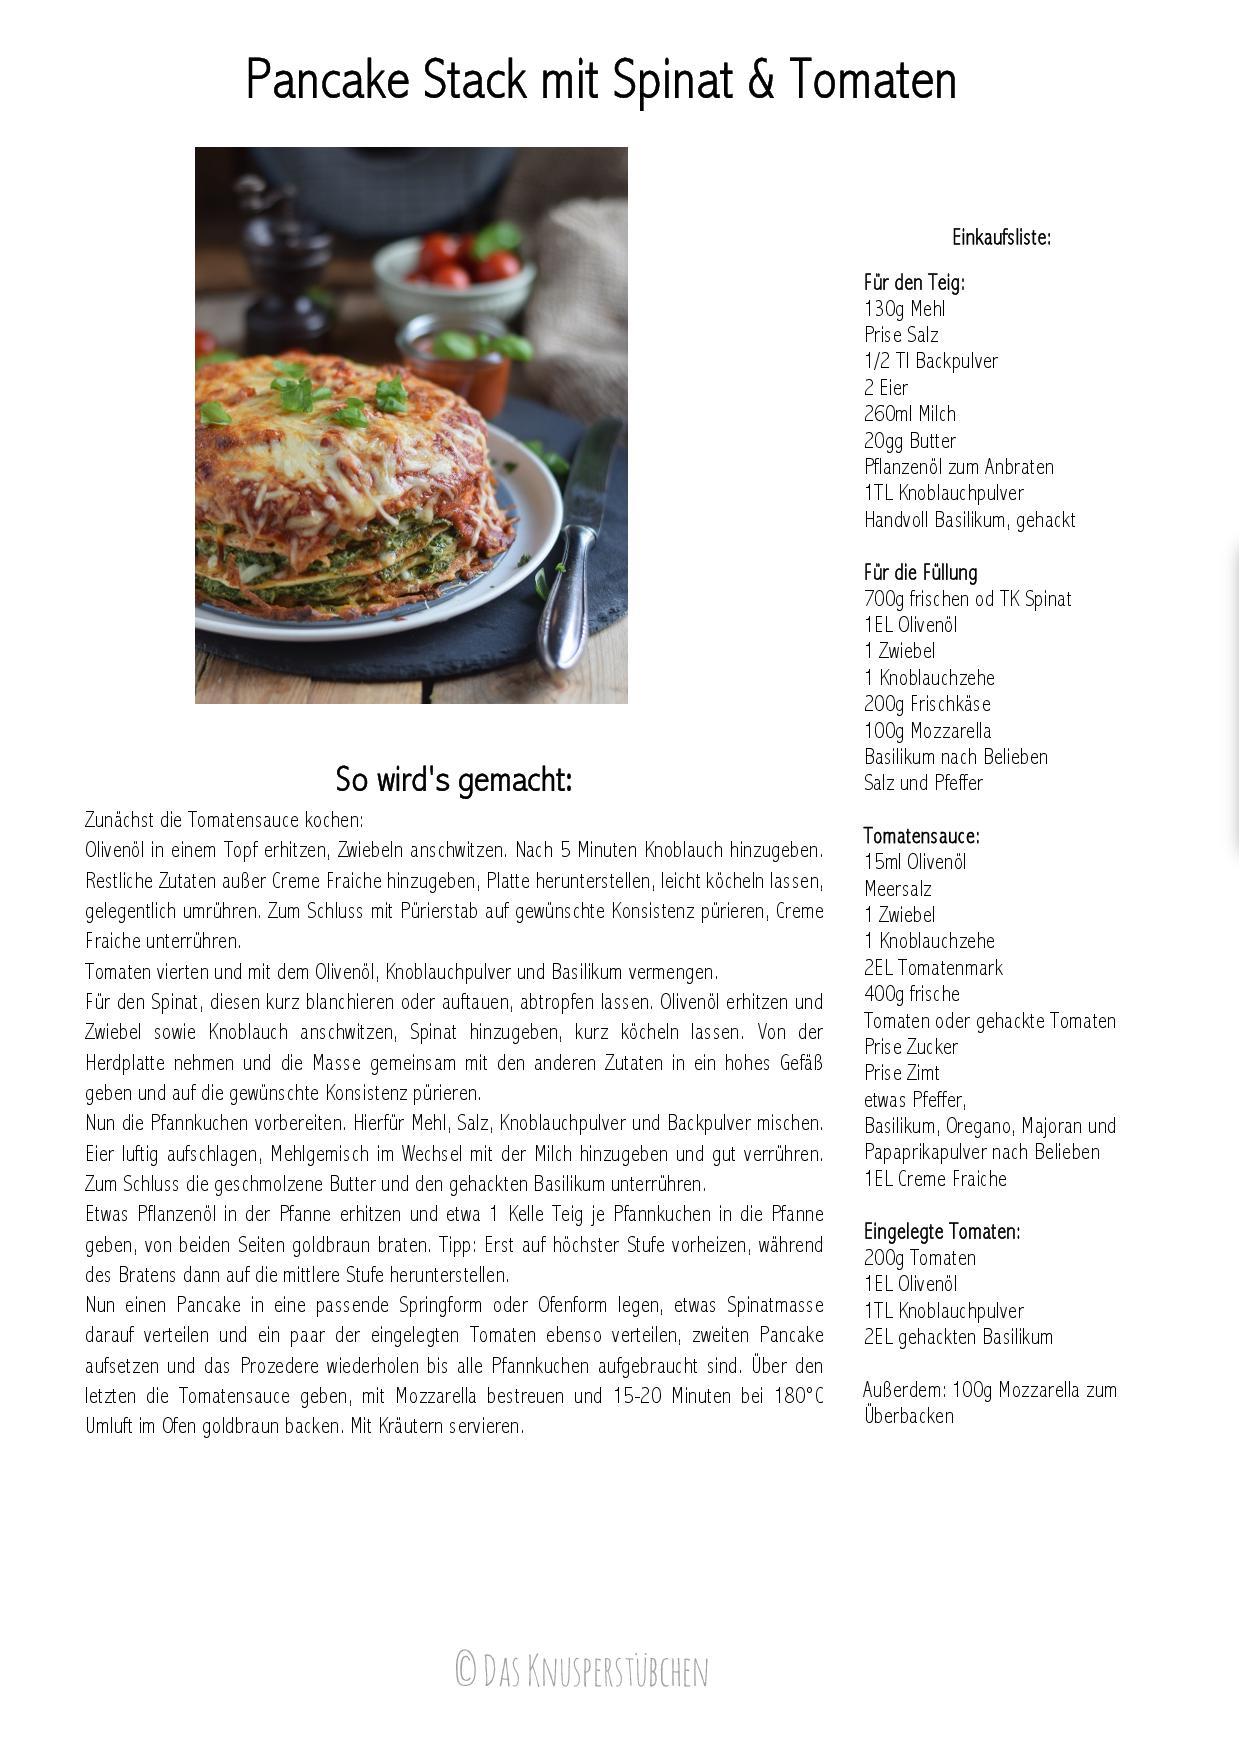 Pancake Stack mit Spinat & Tomaten Rezept-001